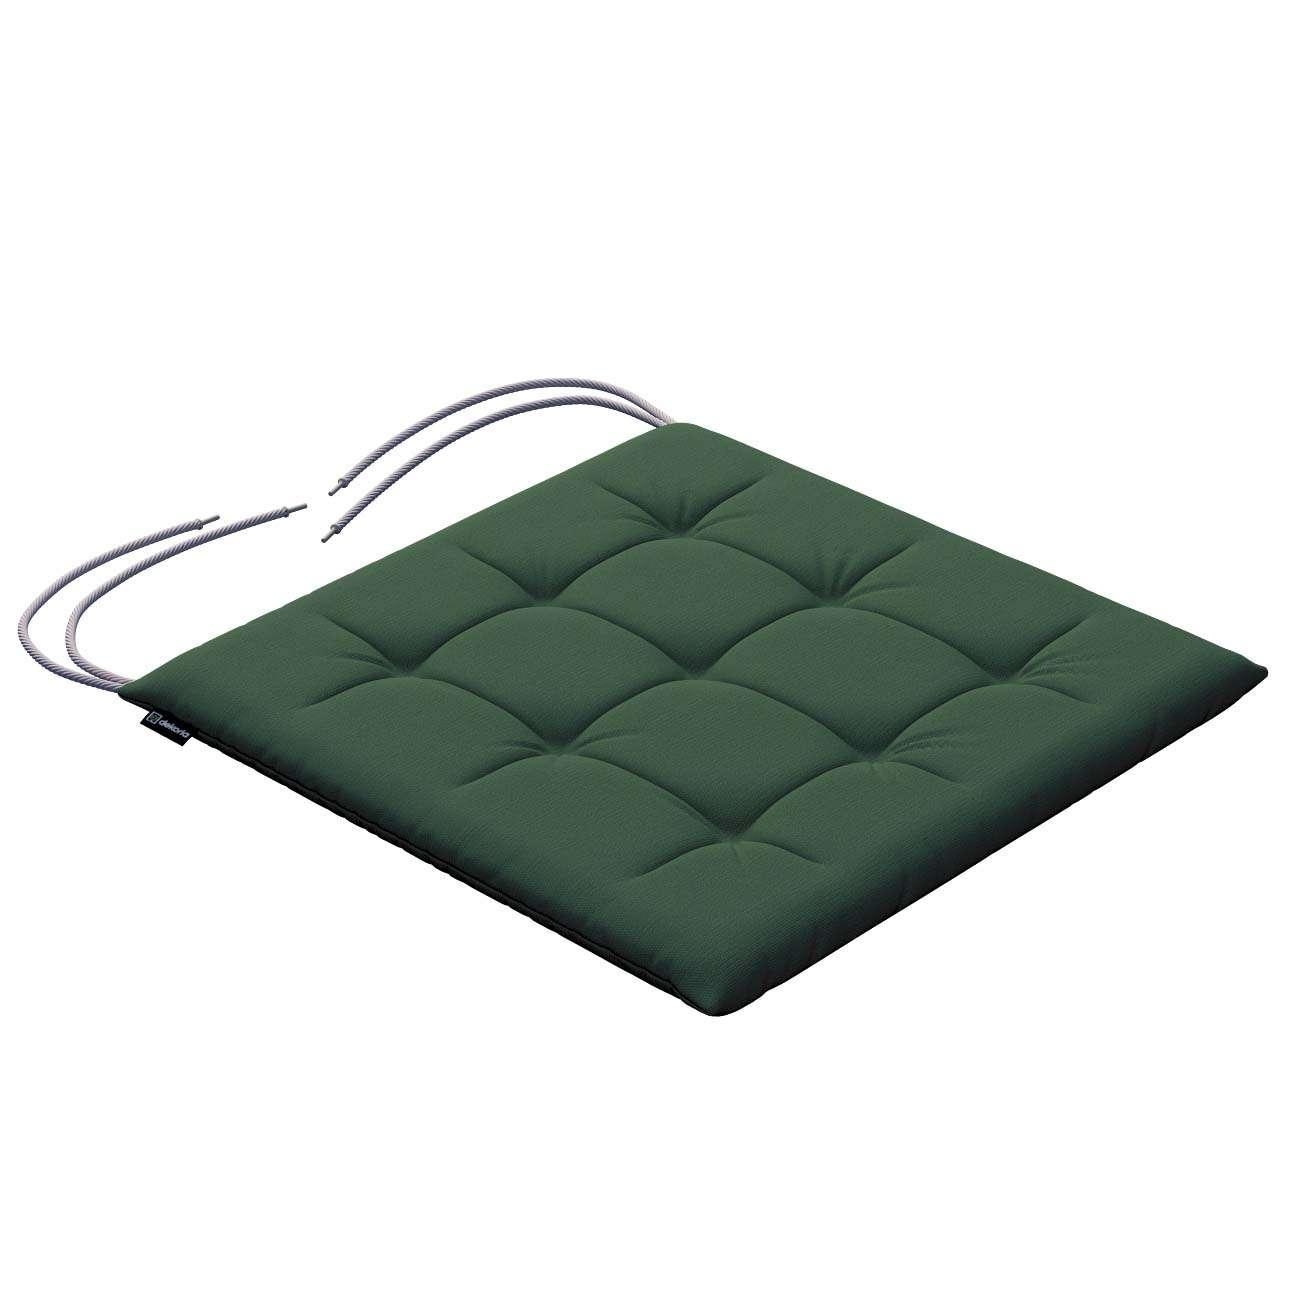 Kėdės pagalvėlė Karol  40 x 40 x 3,5 cm kolekcijoje Cotton Panama, audinys: 702-06